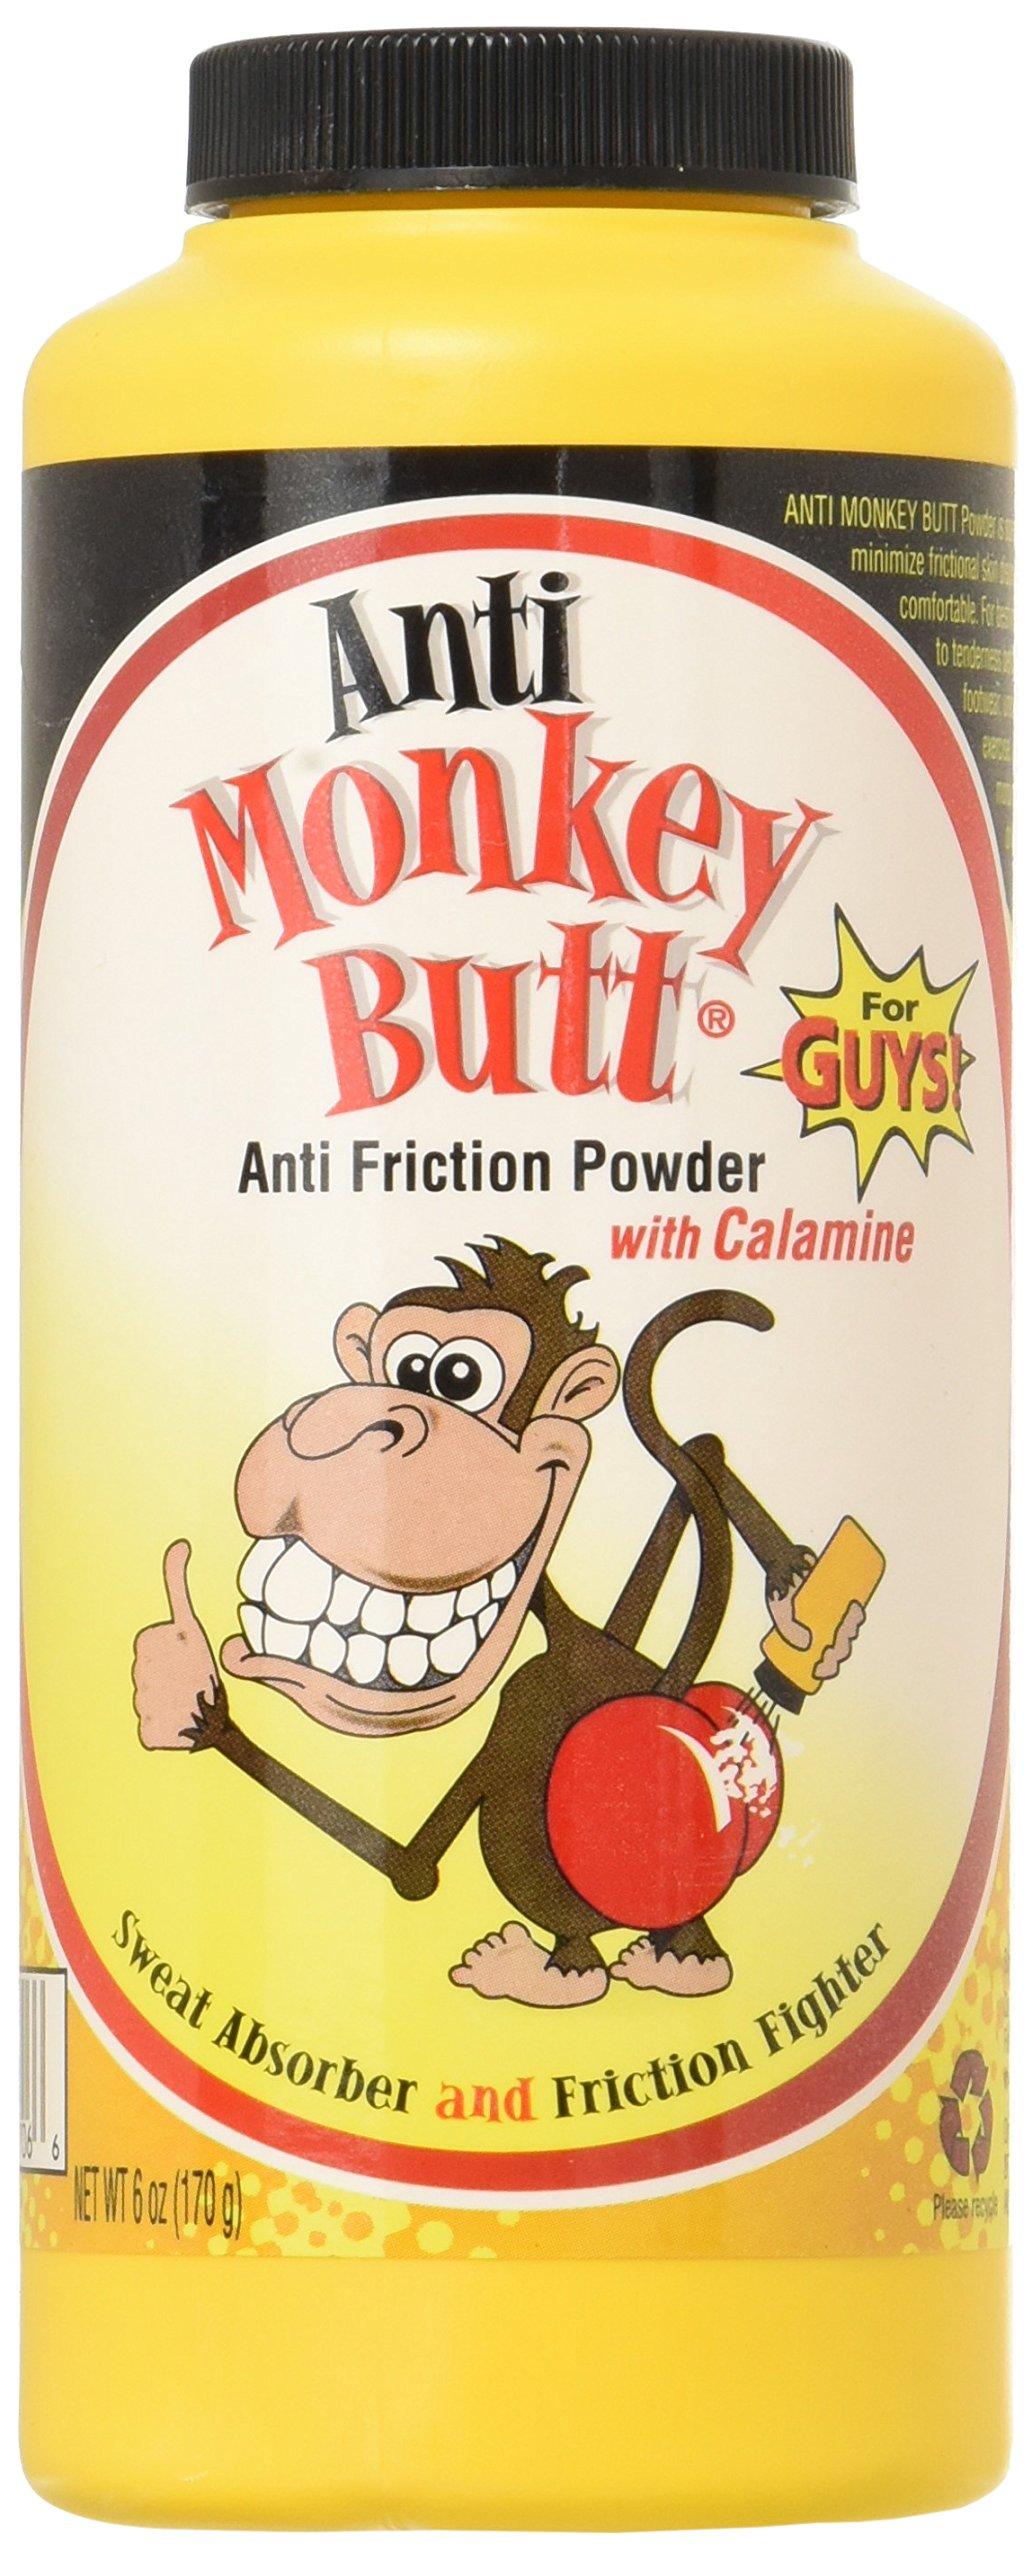 Anti Monkey Butt Powder 6 Ounce, Pack of 3 by Anti Monkey Butt